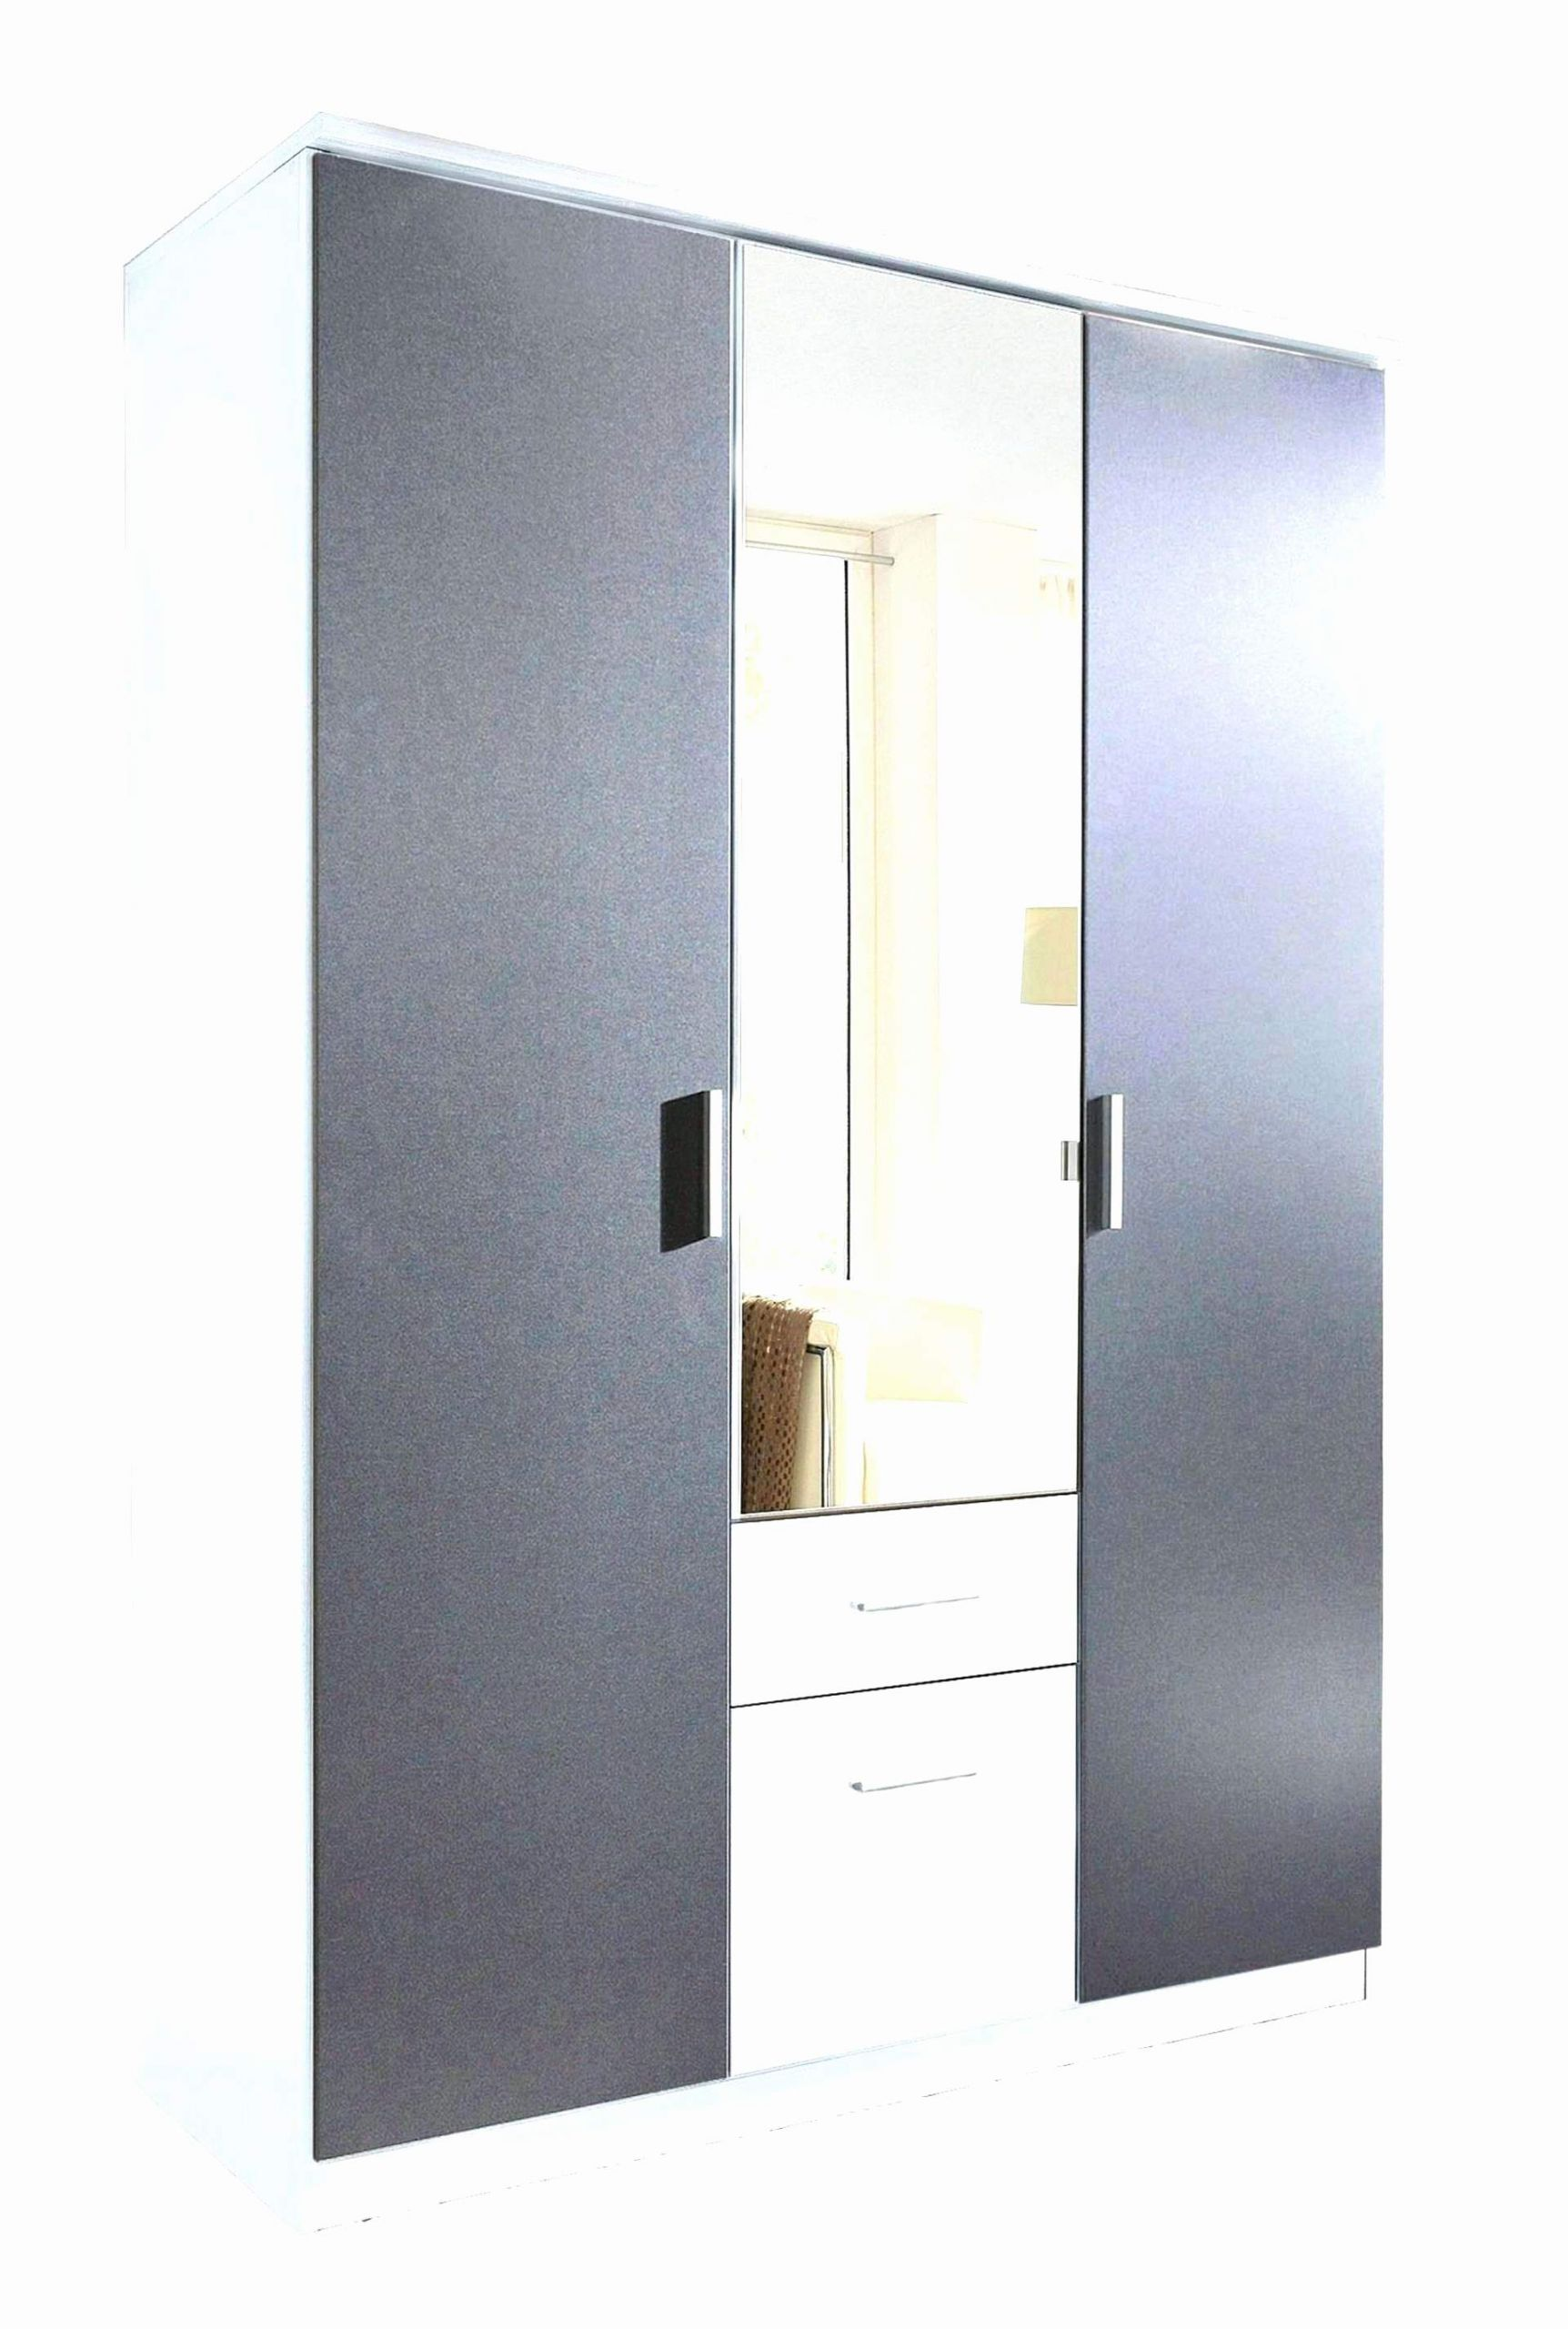 Full Size of Eckschrank Ikea Eckschrnke Wohnzimmer Elegant Schlafzimmer Küche Kosten Miniküche Modulküche Sofa Mit Schlaffunktion Kaufen Betten Bei Bad 160x200 Wohnzimmer Eckschrank Ikea